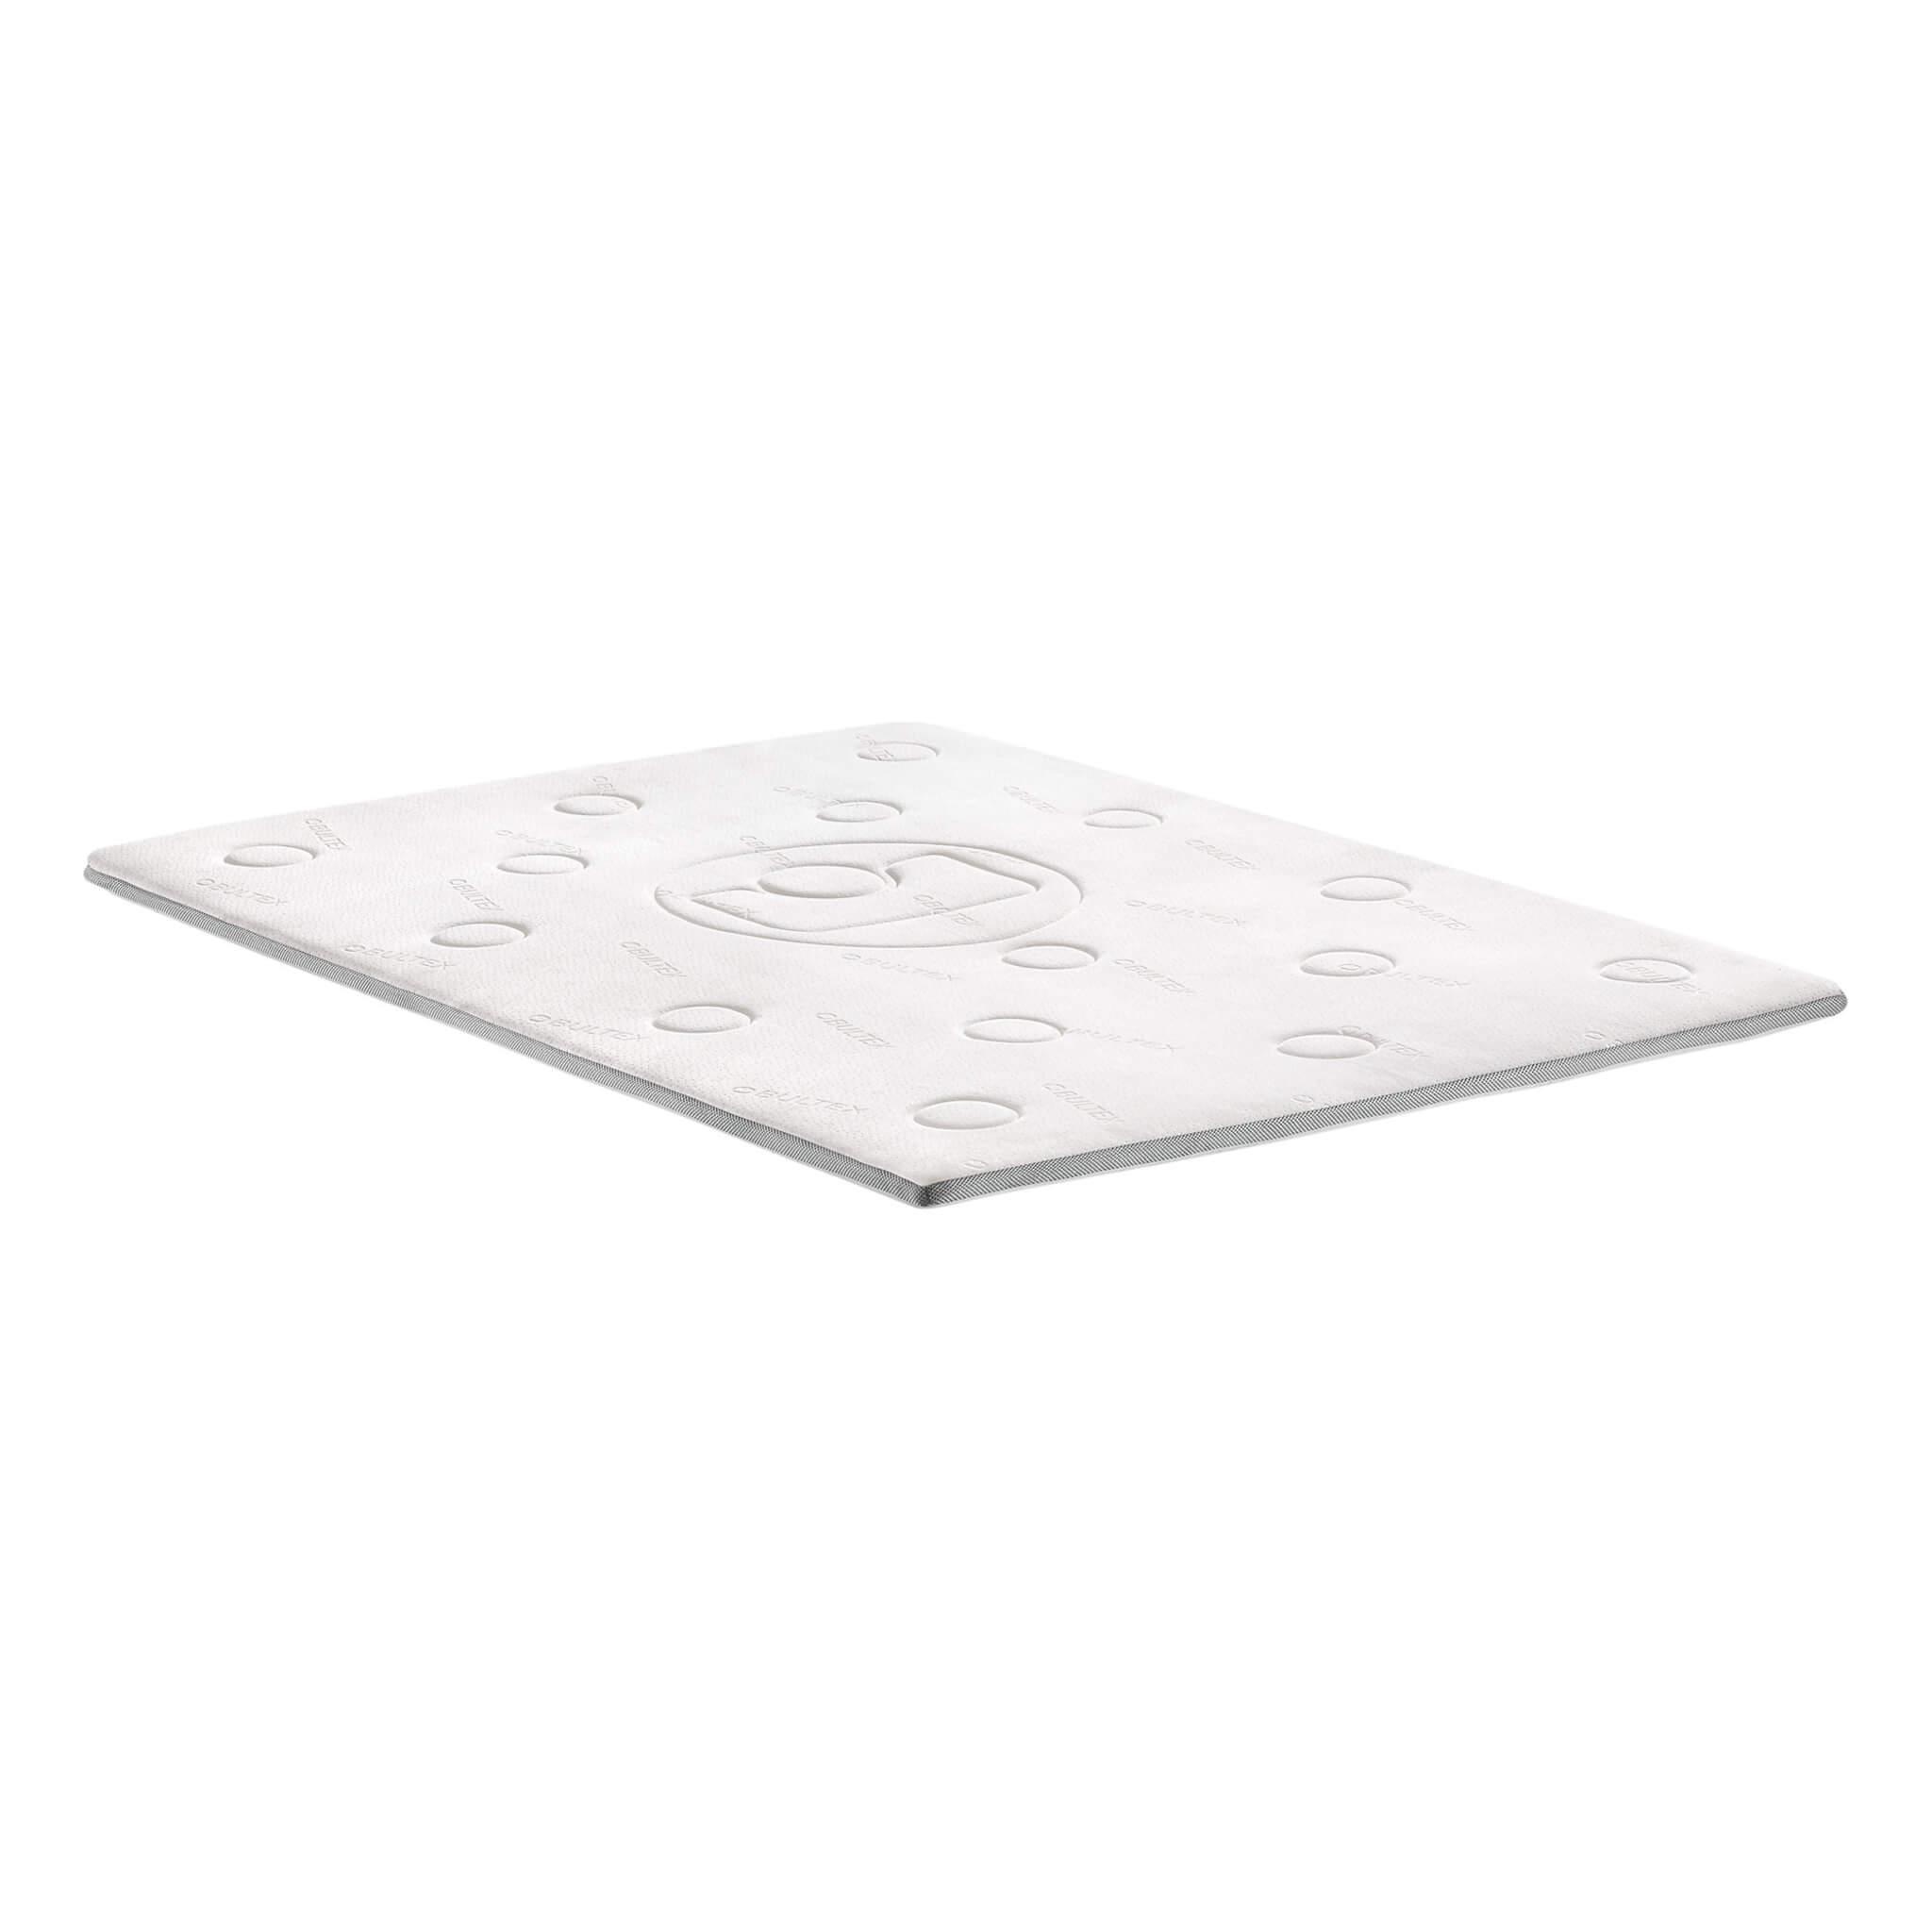 Surmatelas confort à mémoire de forme épaisseur 5cm 140x200